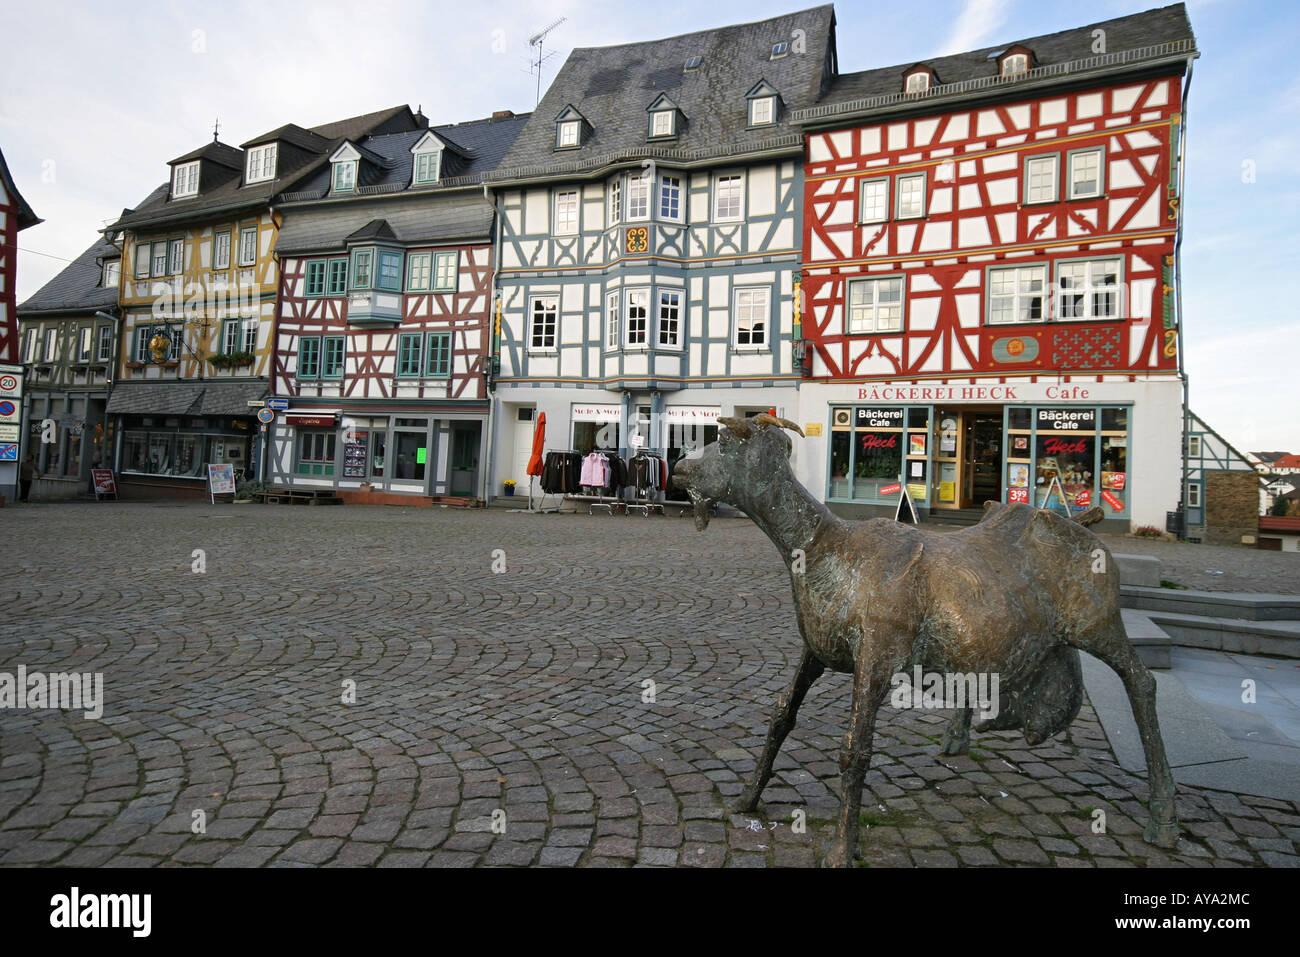 Denkmal der Camberg Ziege und Rahmen-Häuser auf dem Marktplatz von ...